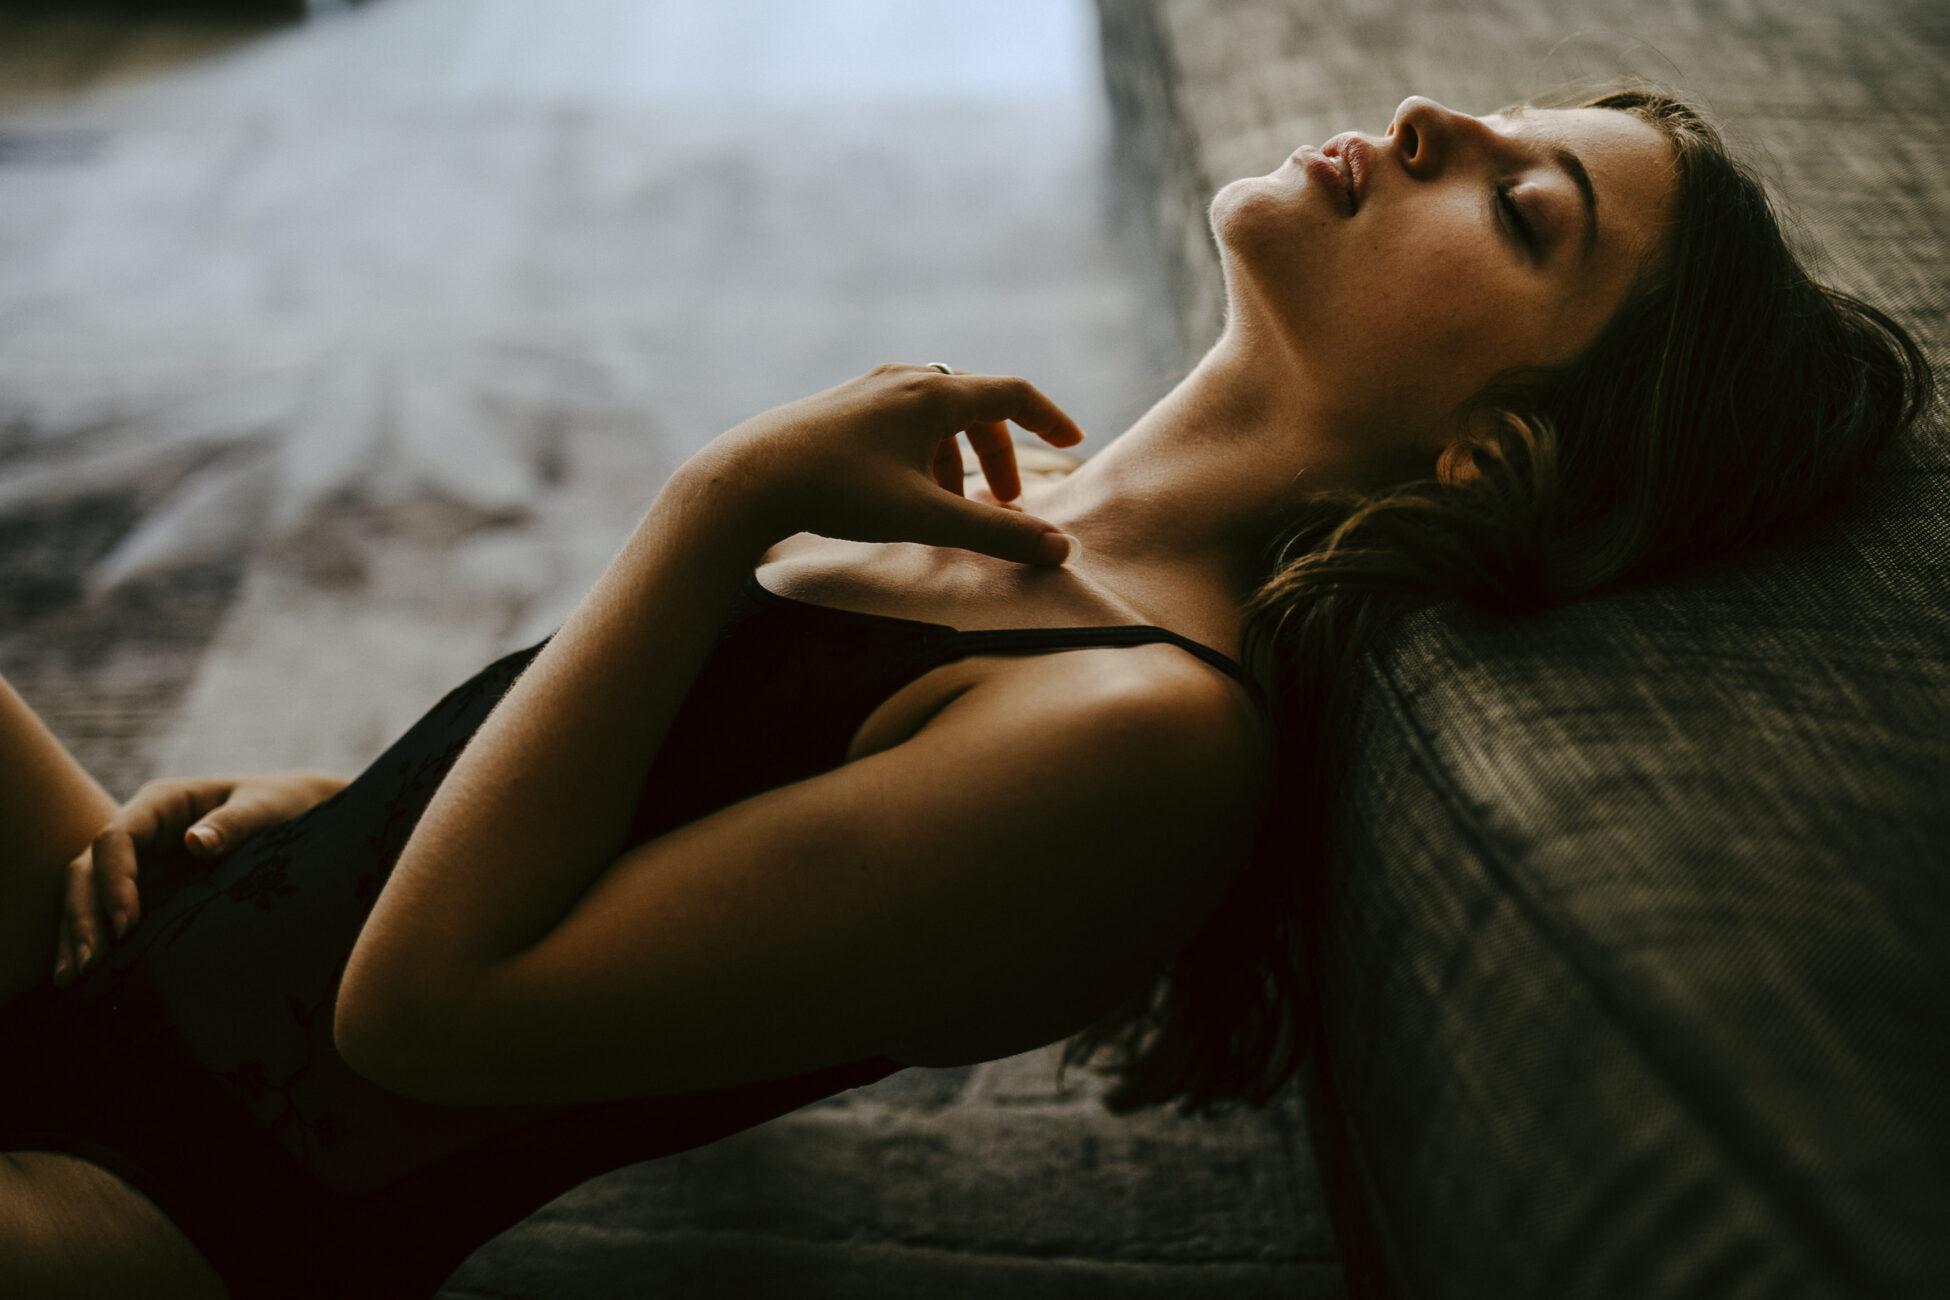 portrait intime femme fontainebleau - séance photo intimiste seine et marne - portrait de femme en lumière naturelle - ile de france - photographe portrait fontainebleau - lucie atlan photographe